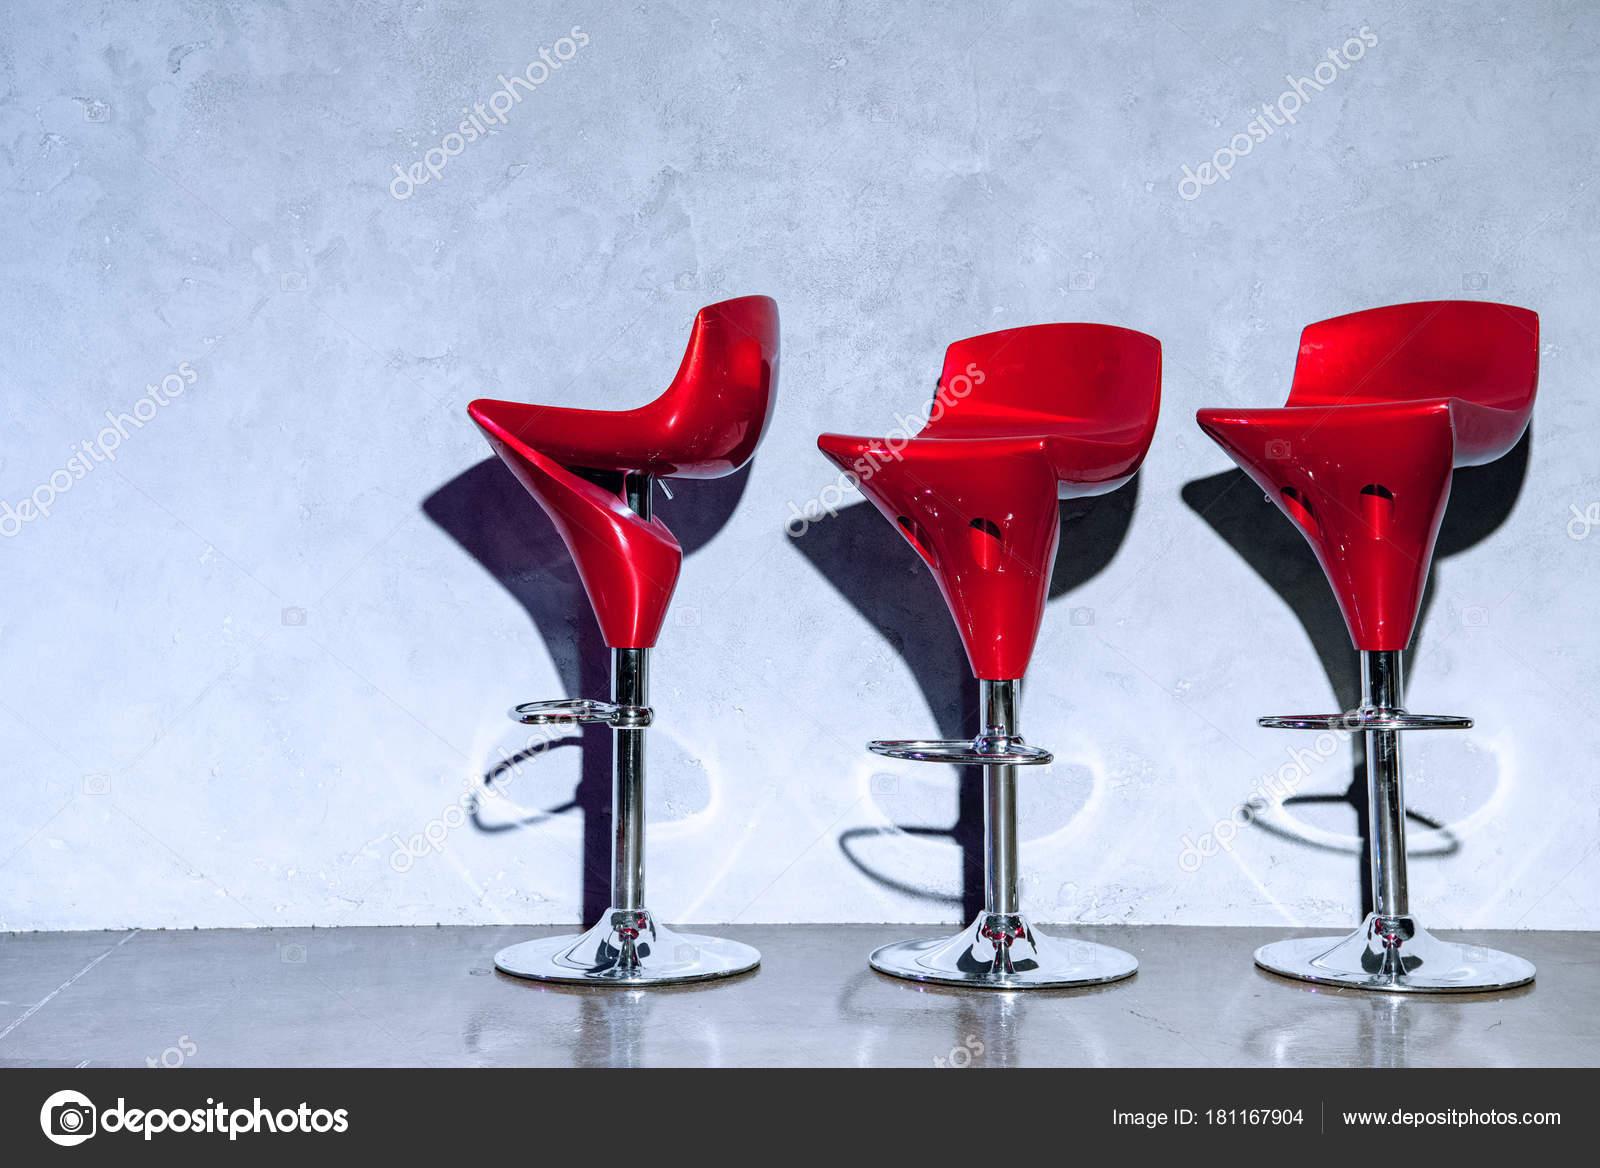 Tre rosso vuoto bar sgabelli vicino alla parete grigia u foto